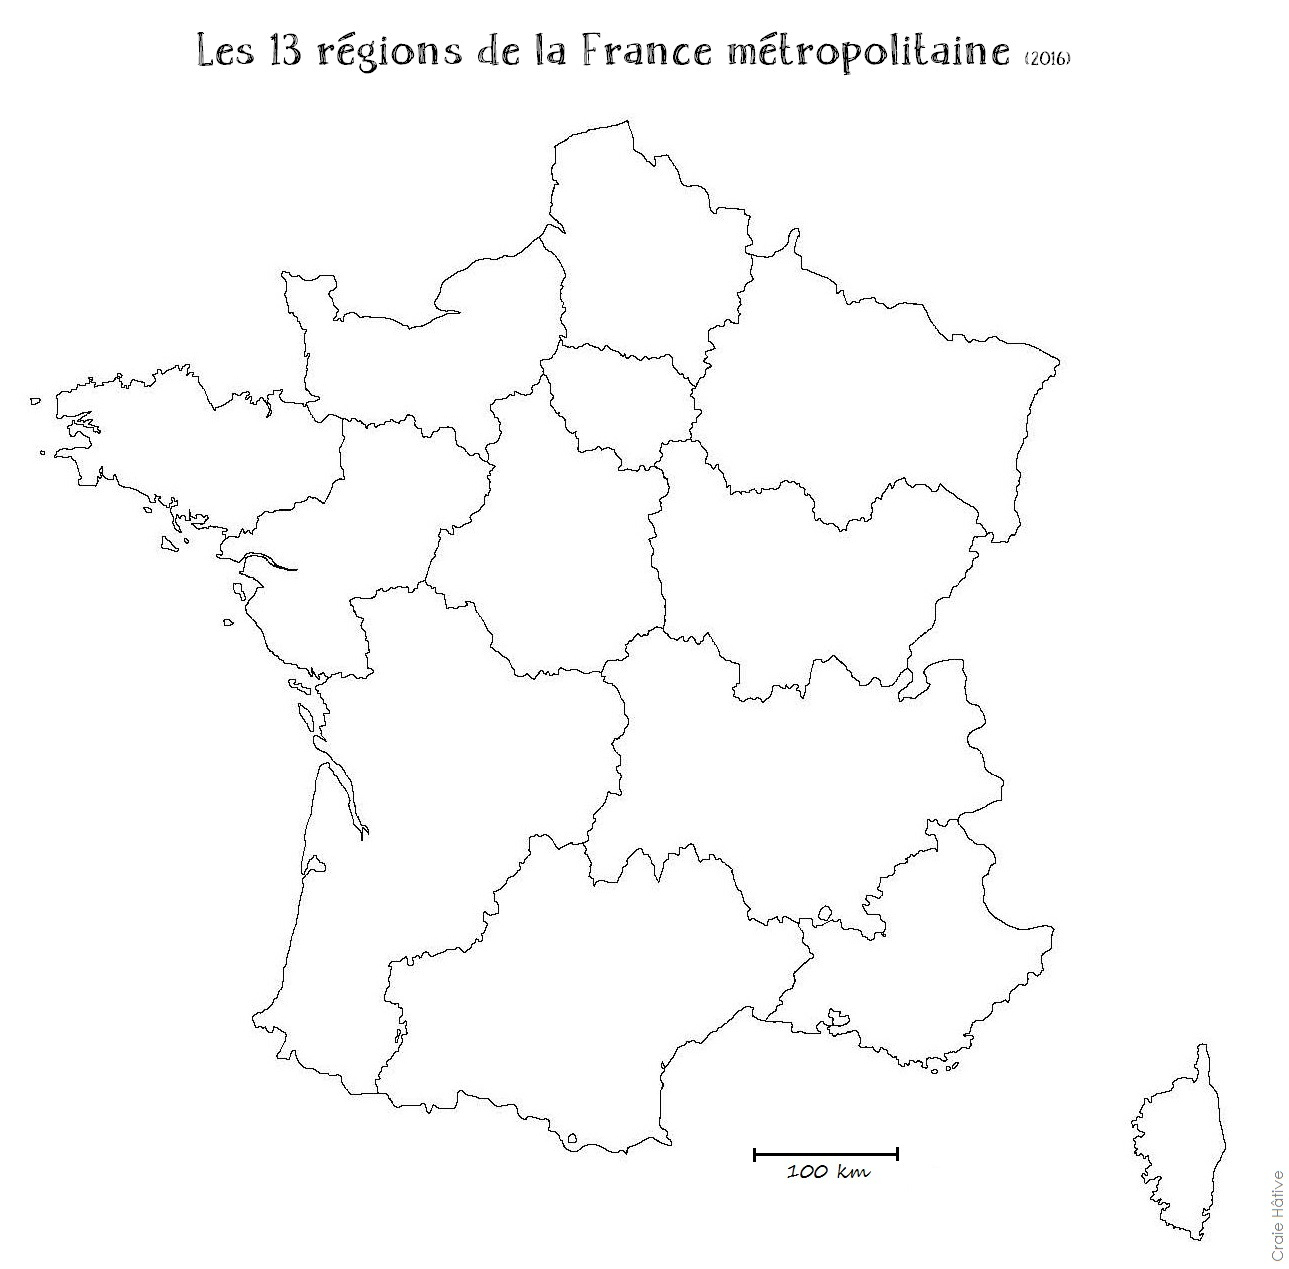 Ressources Numériques, Carte De France Vierge Nouvelles Régions intérieur Carte Des Régions De France À Imprimer